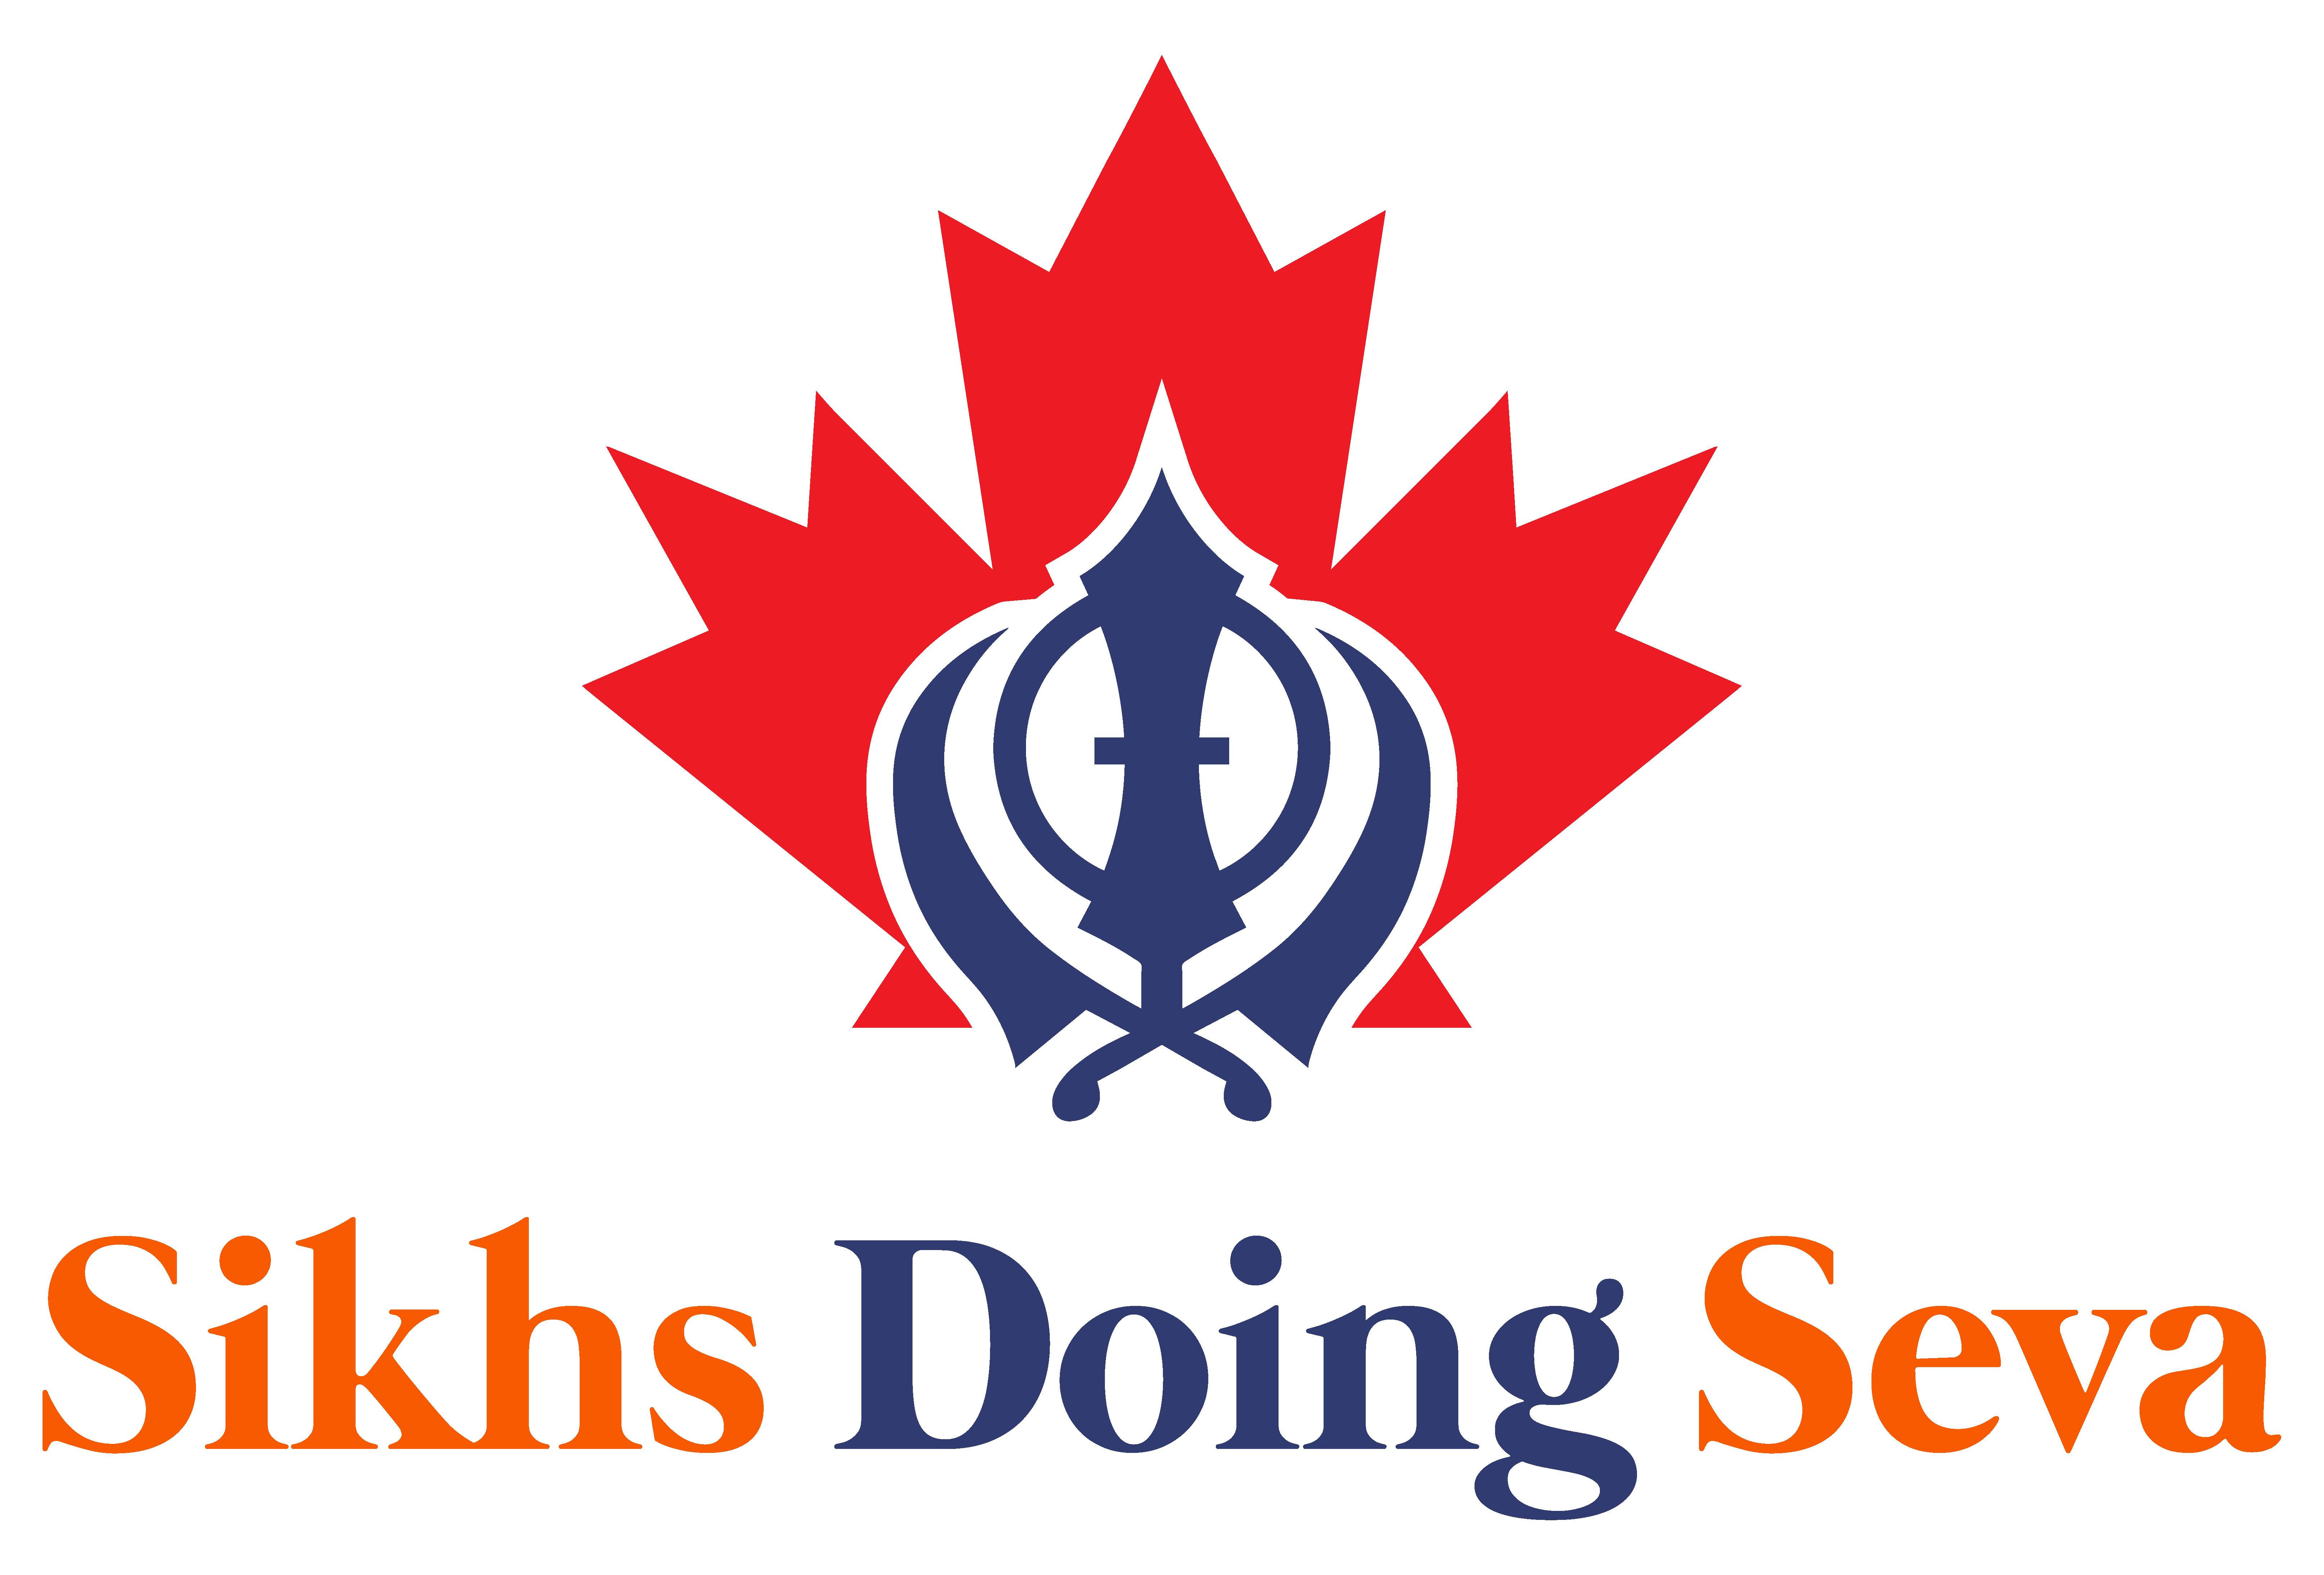 Sikhs Doing Seva